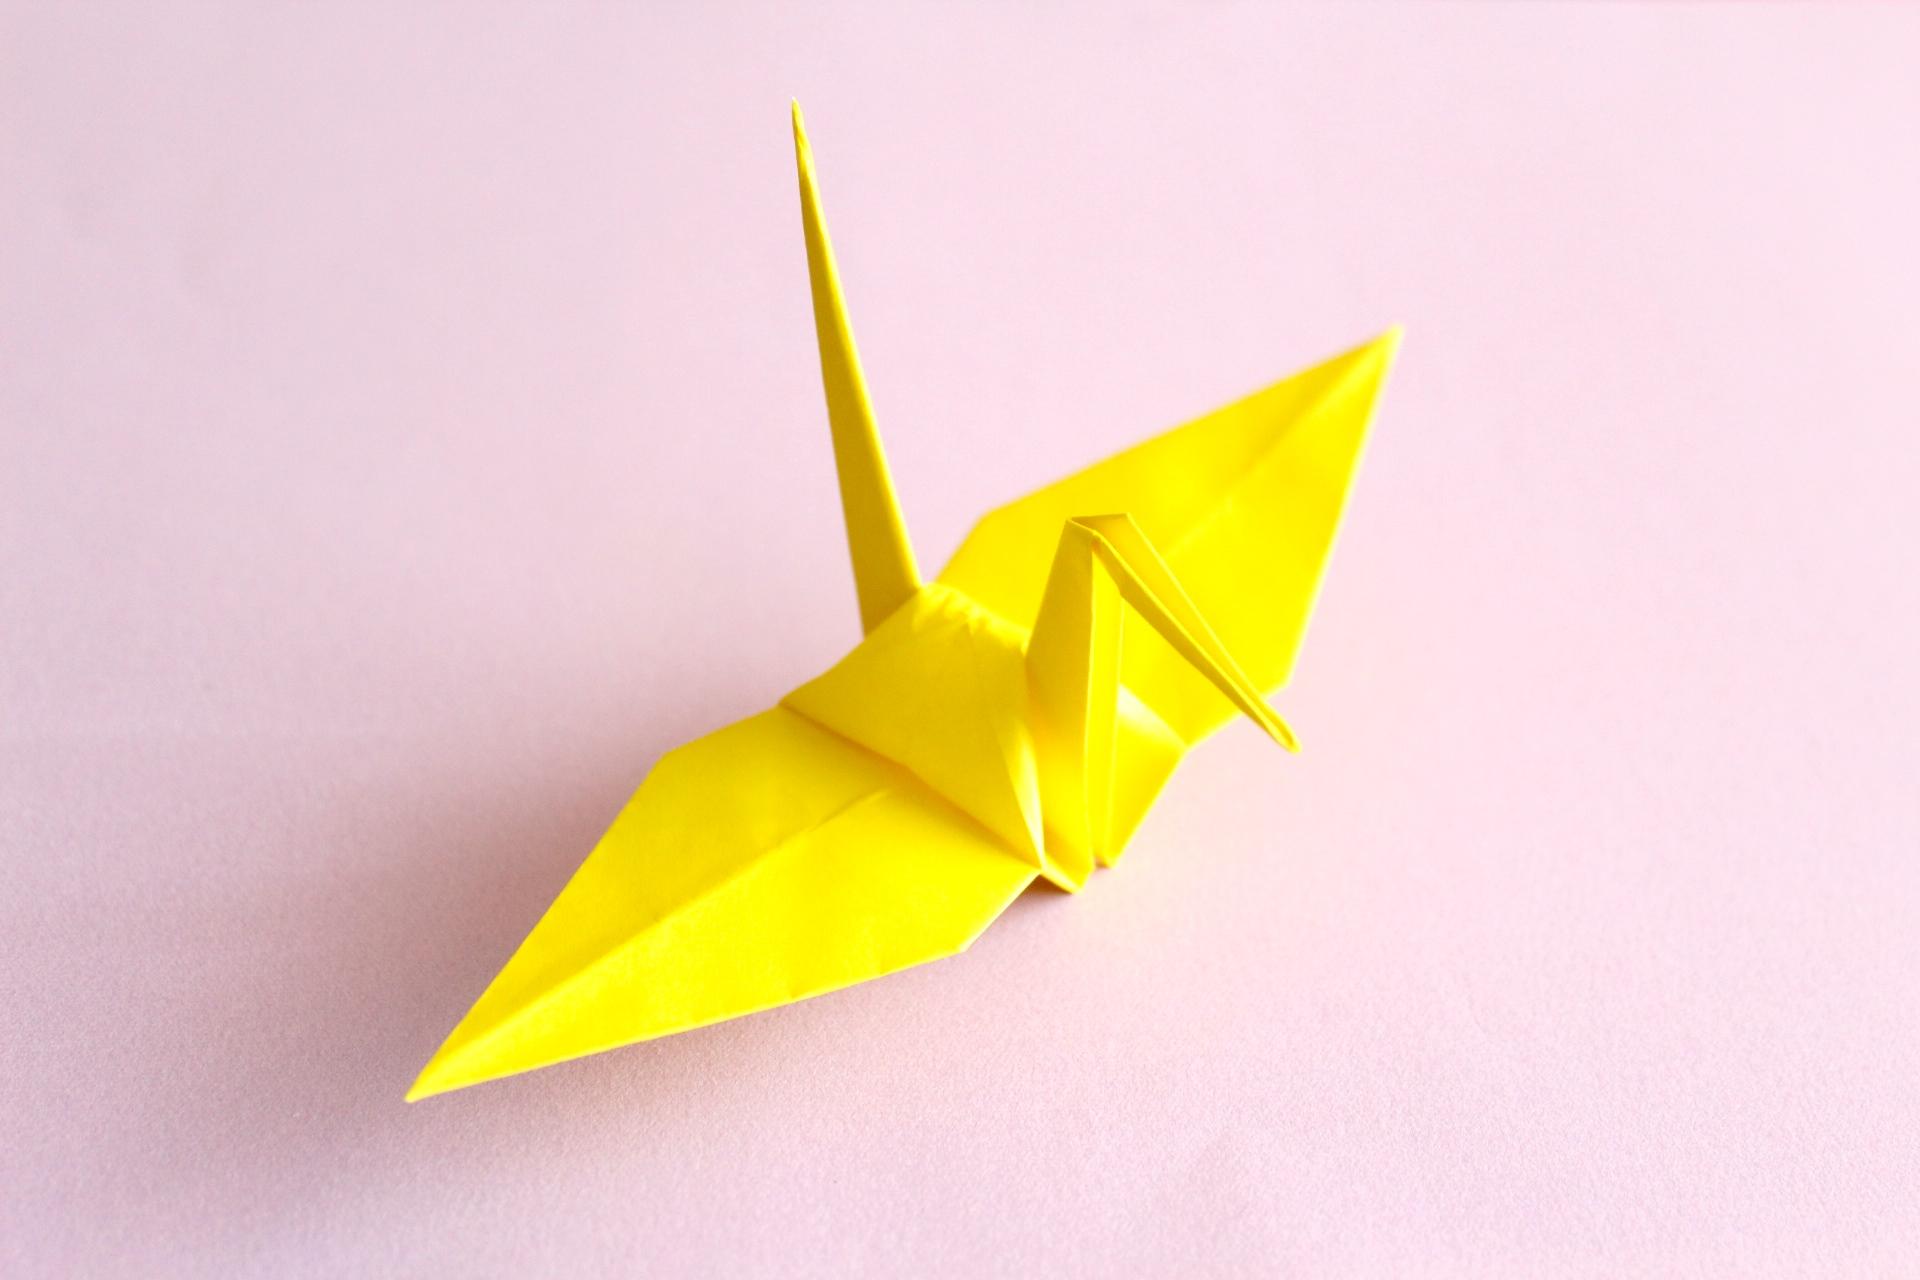 折り紙で鶴の折り方